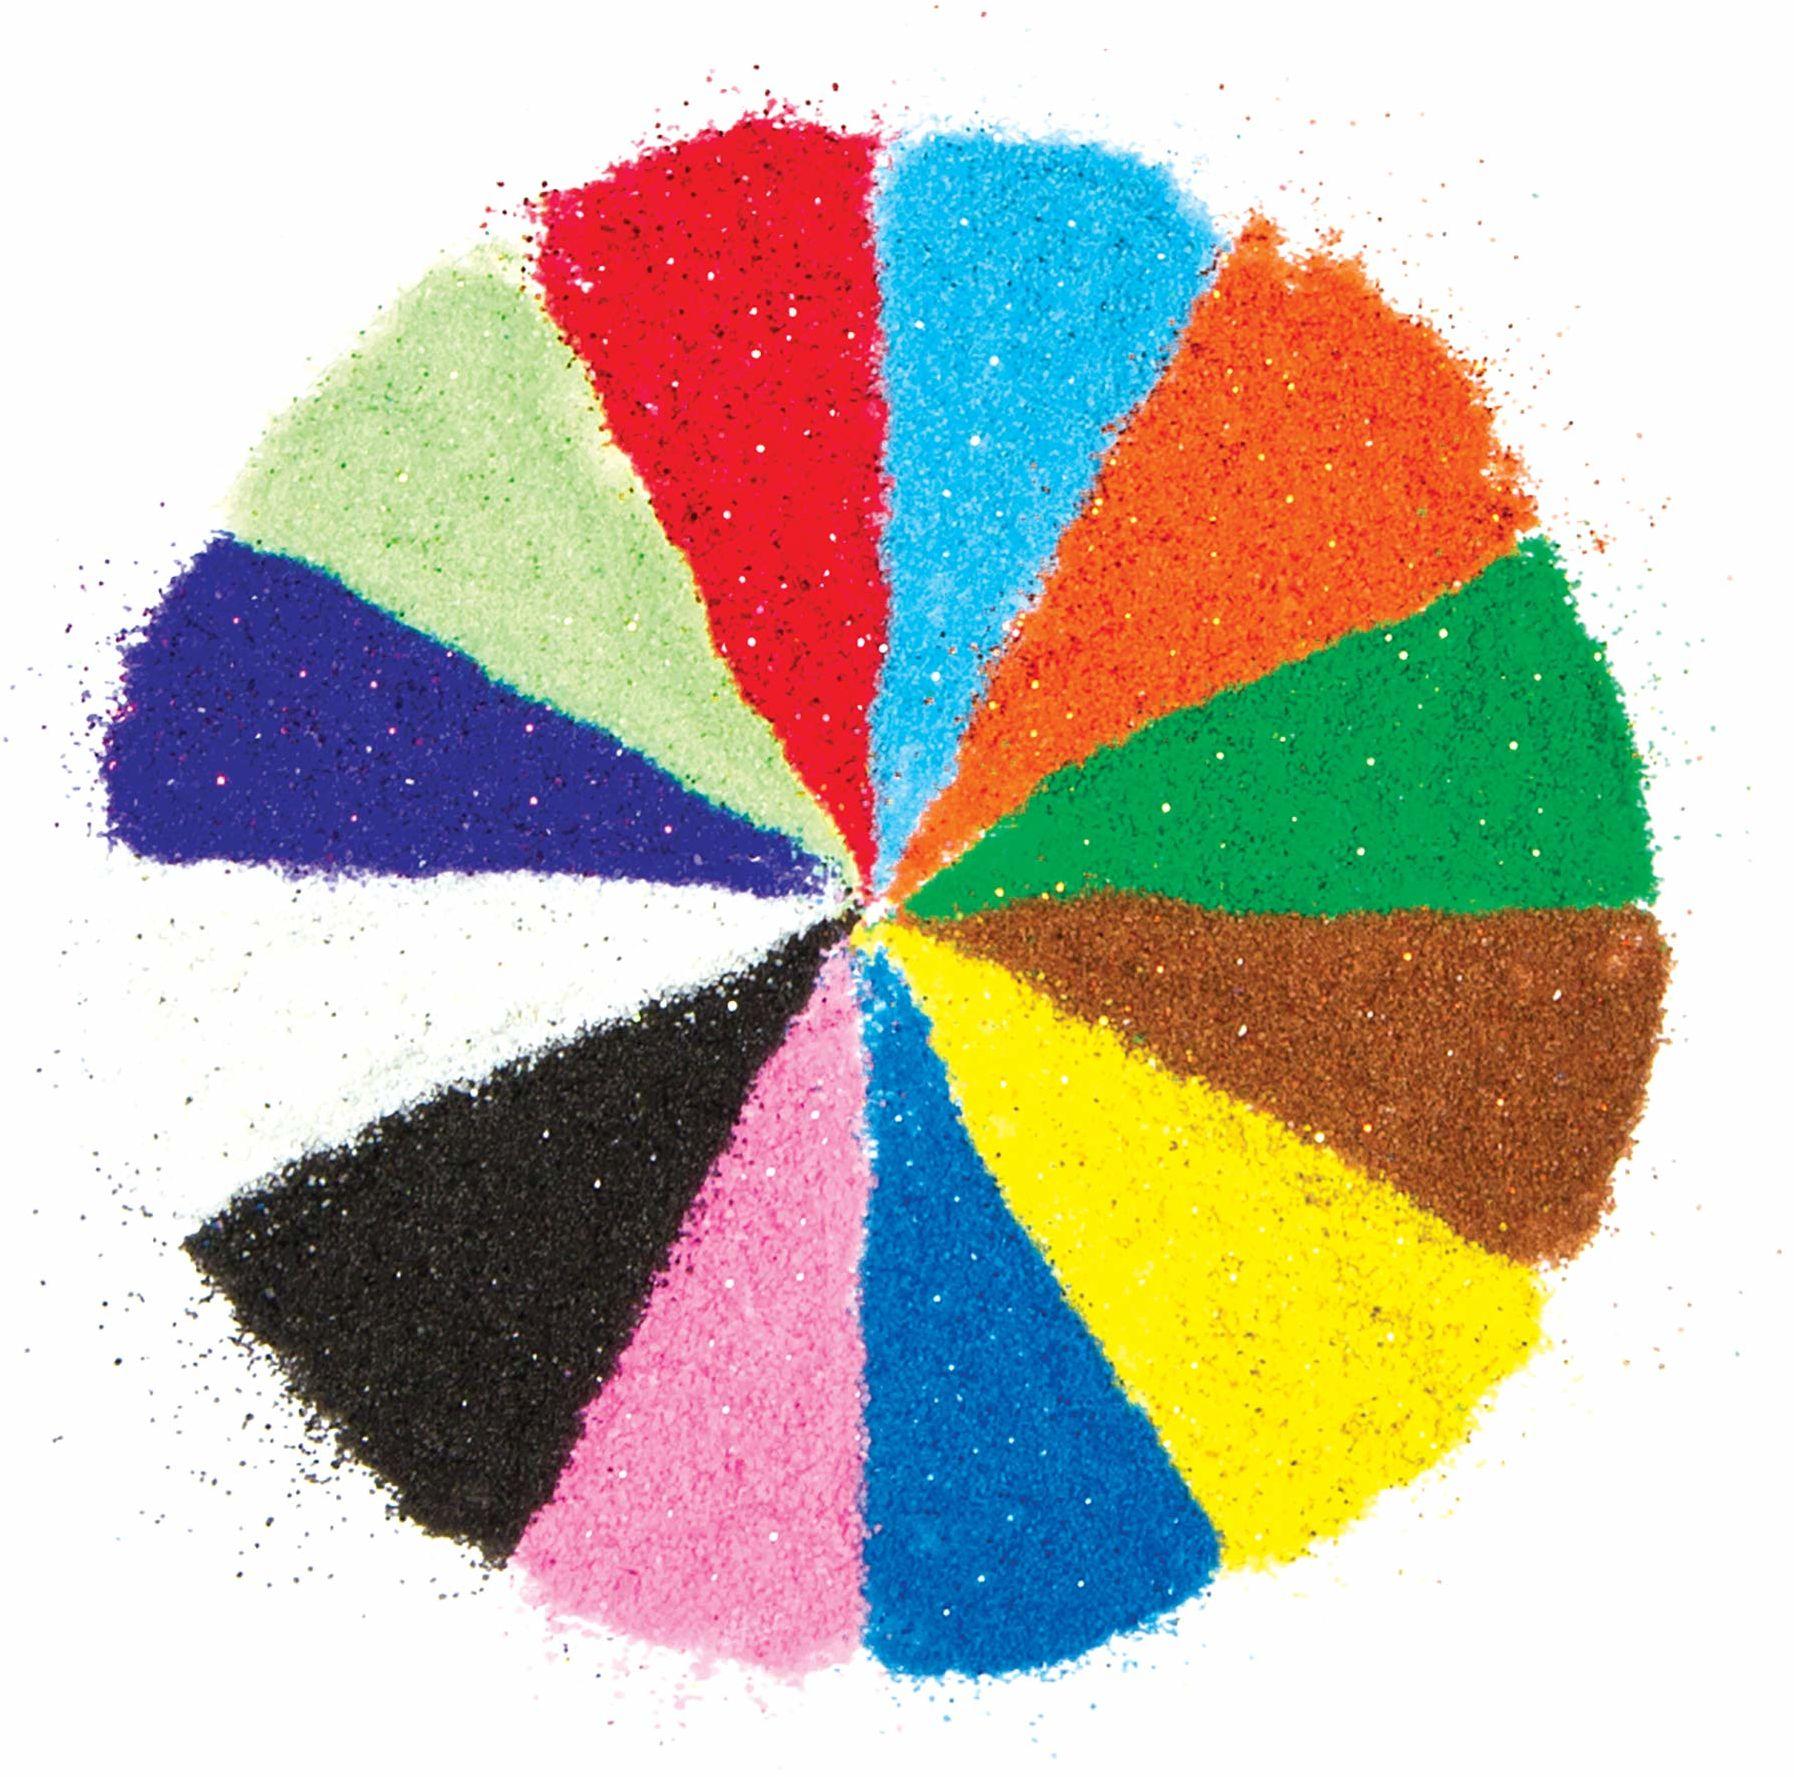 Baker Ross AG638 brokatowy piasek dla dzieci do majsterkowania, tworzenia i ozdabiania kartek, prac ręcznych i kolaży latem (12 woreczków)